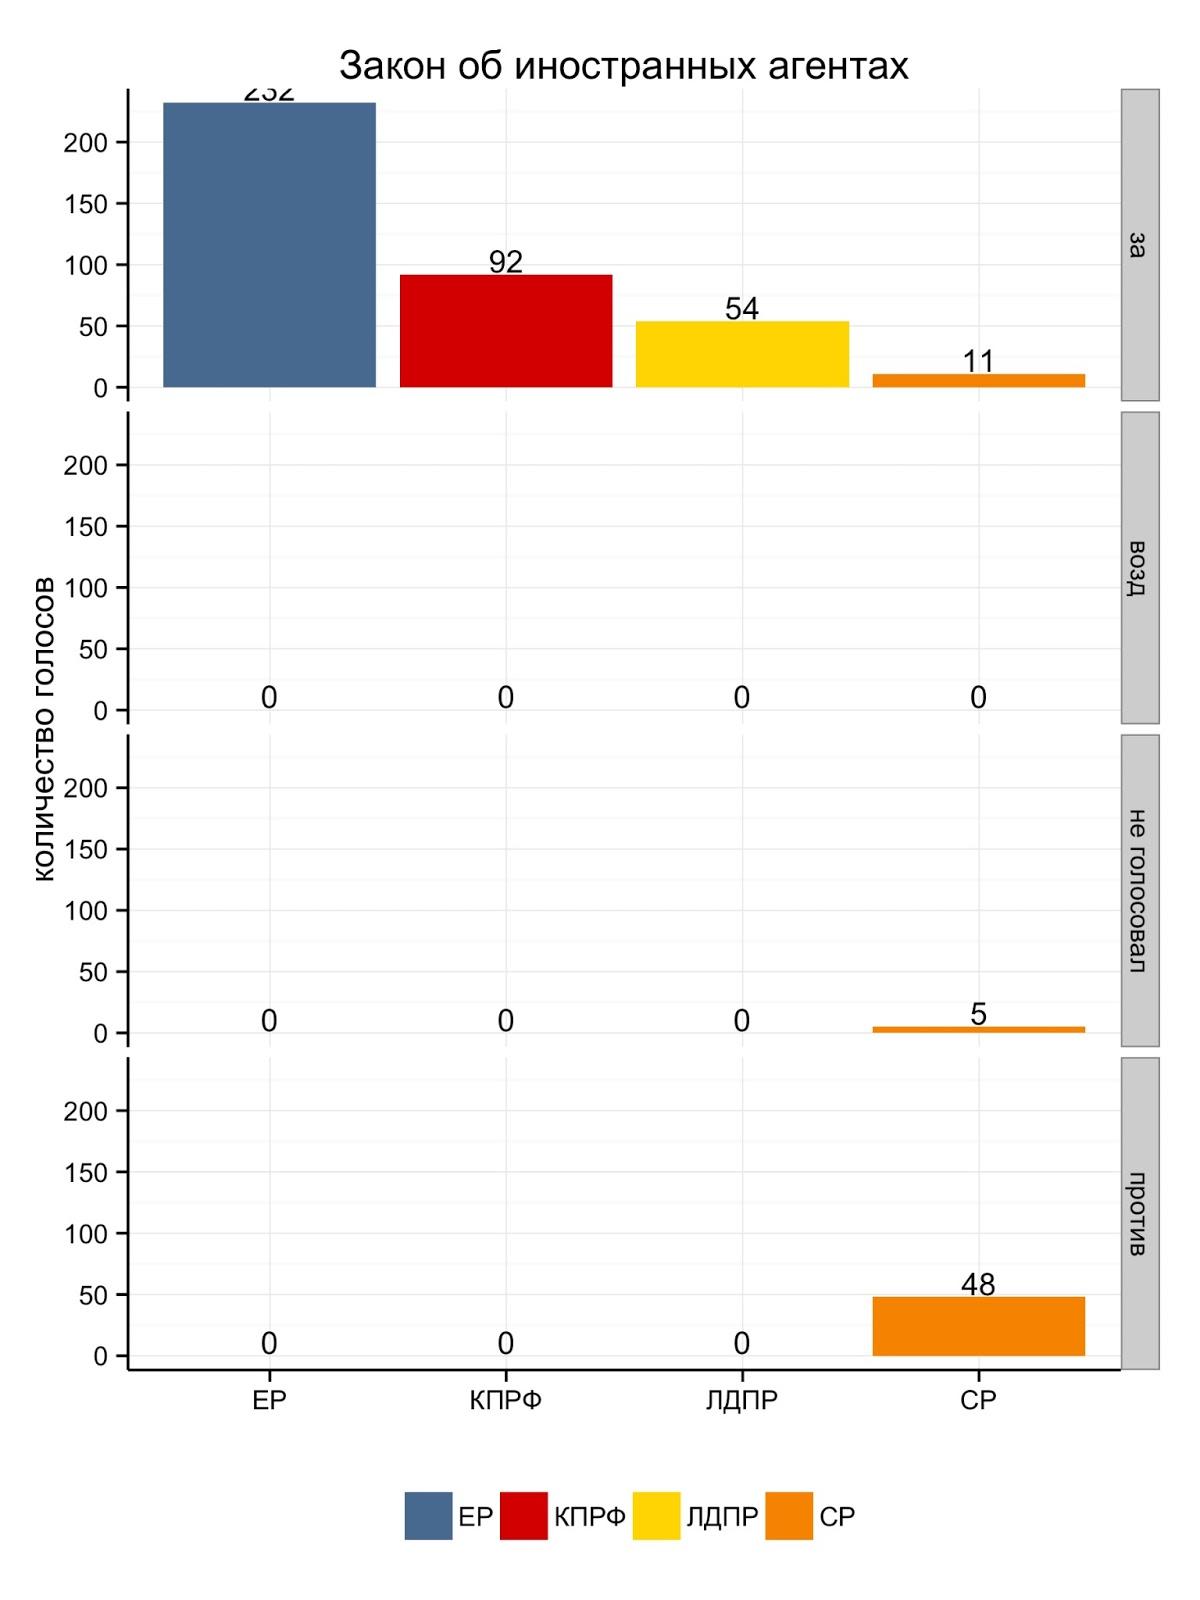 Статитистика голосовия по закону об иностранном агенте